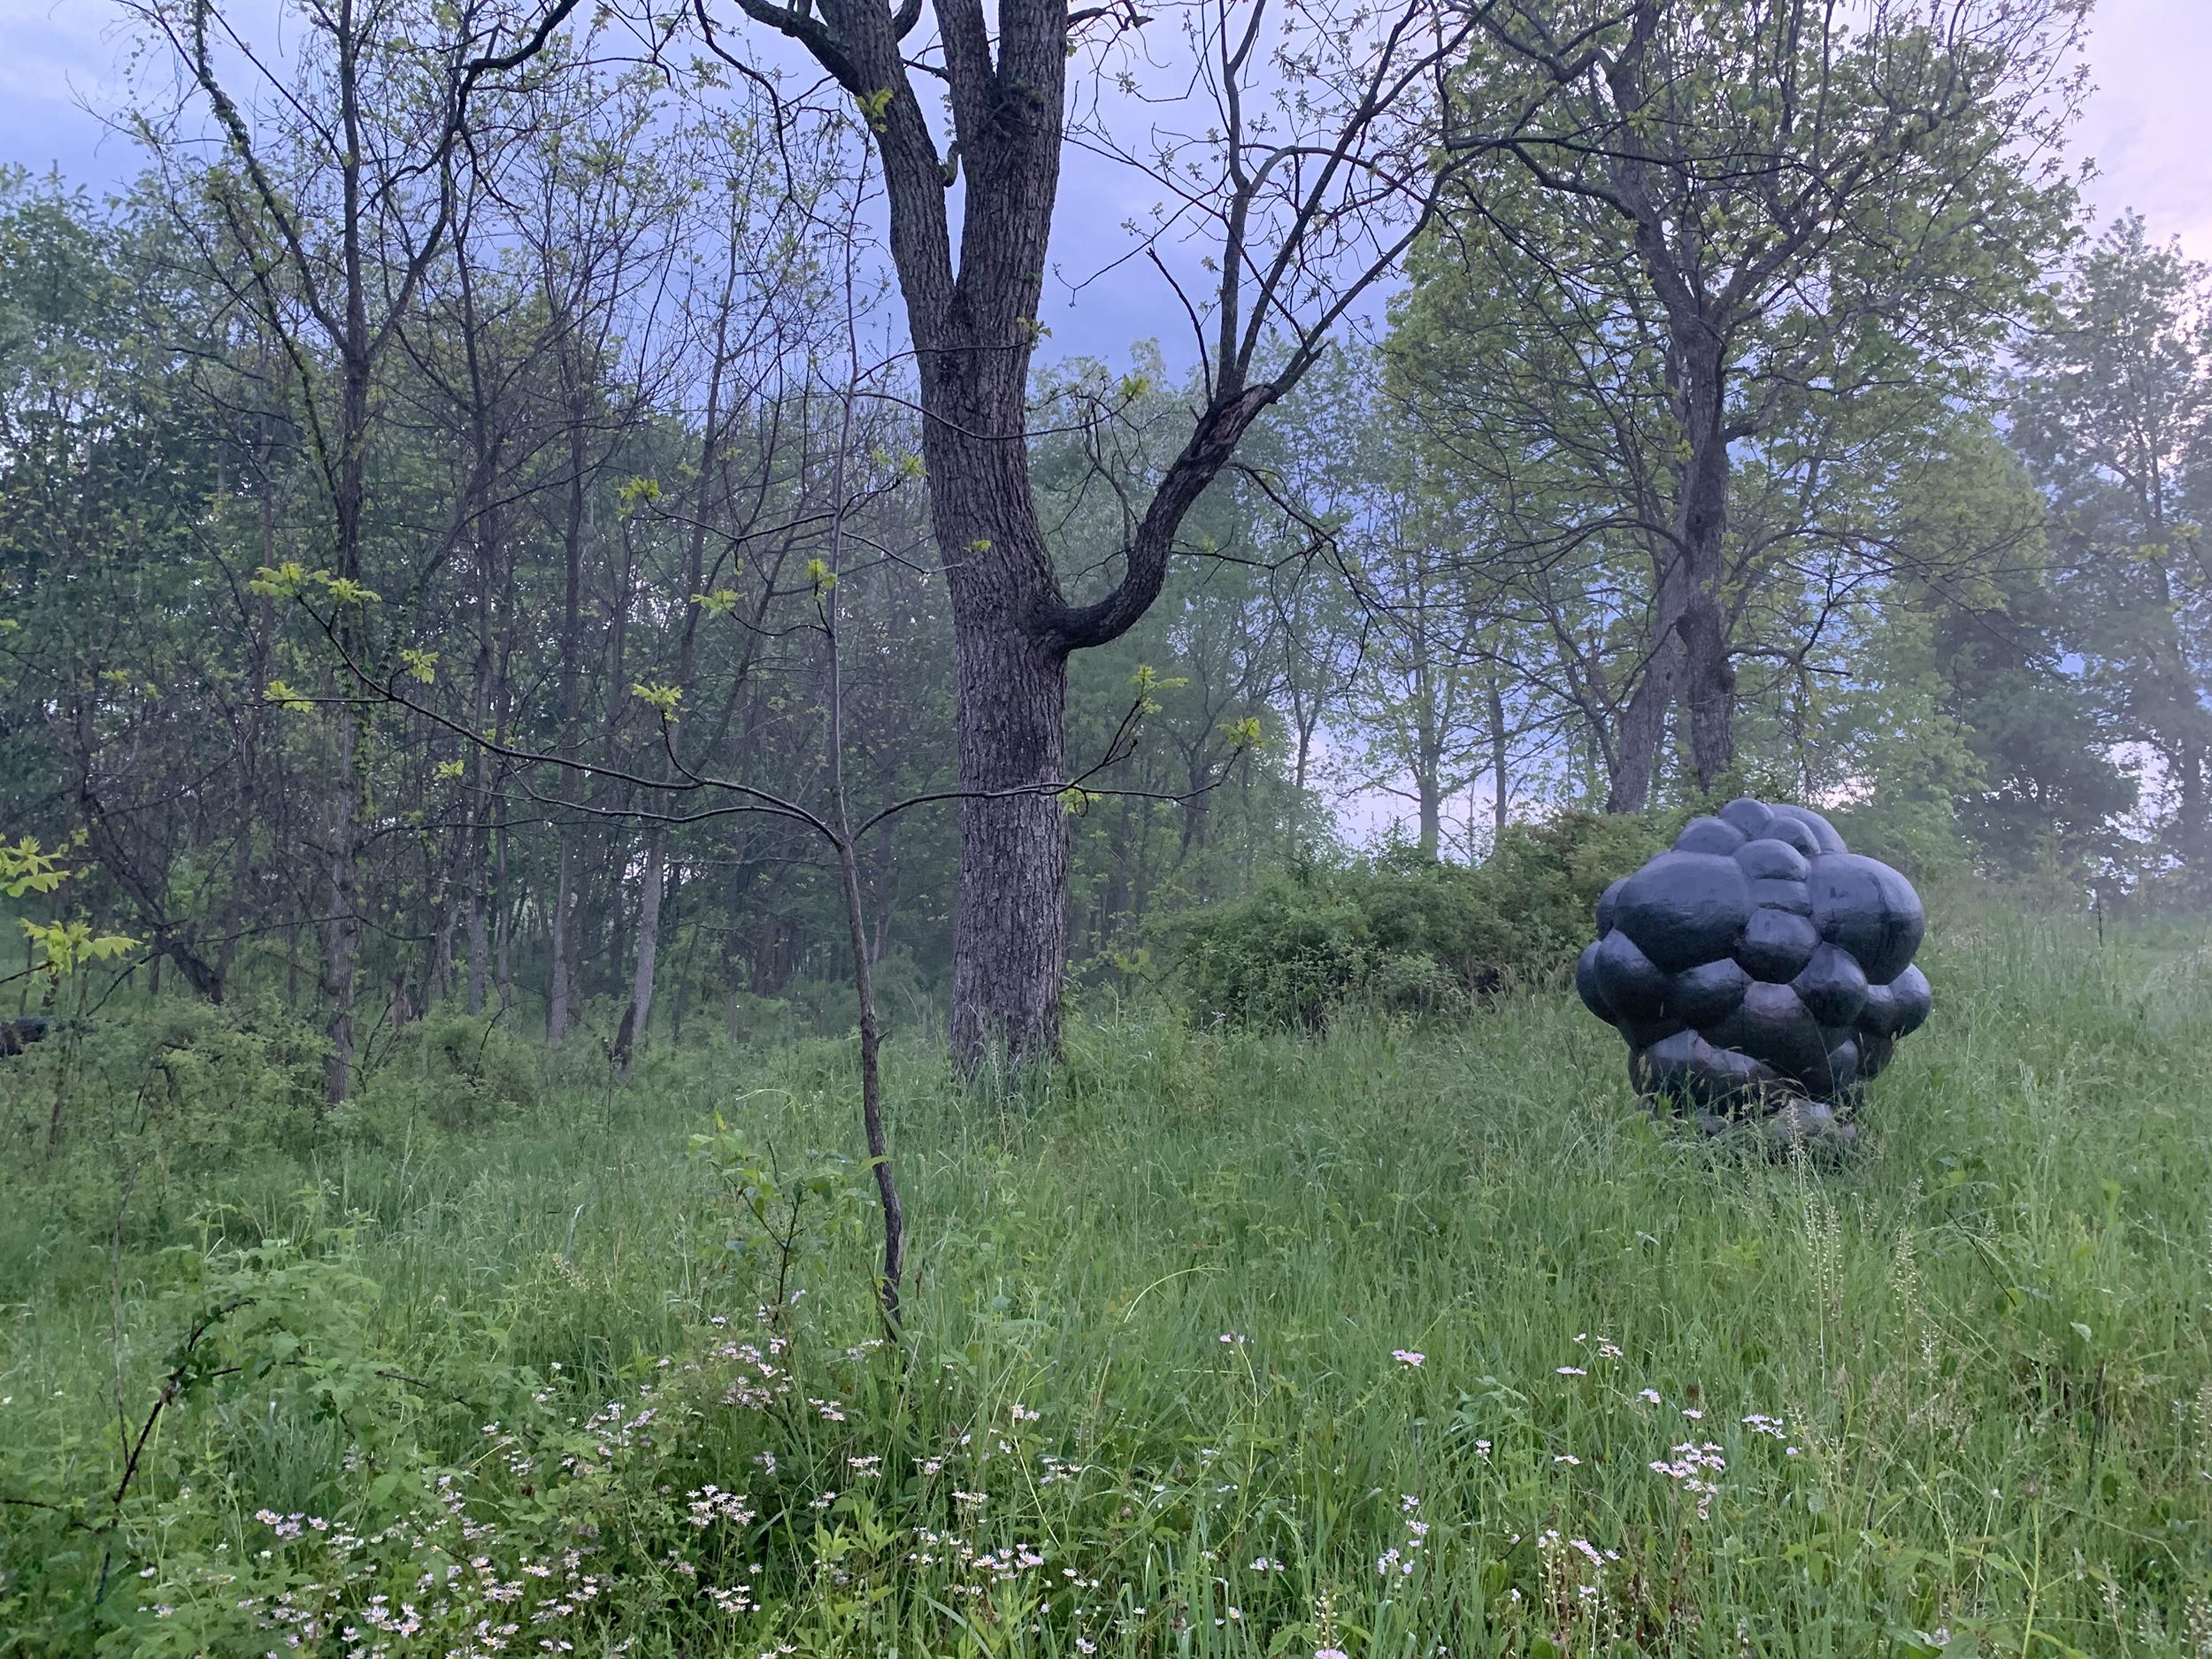 Matt-Wedel-Garden-Pictures8